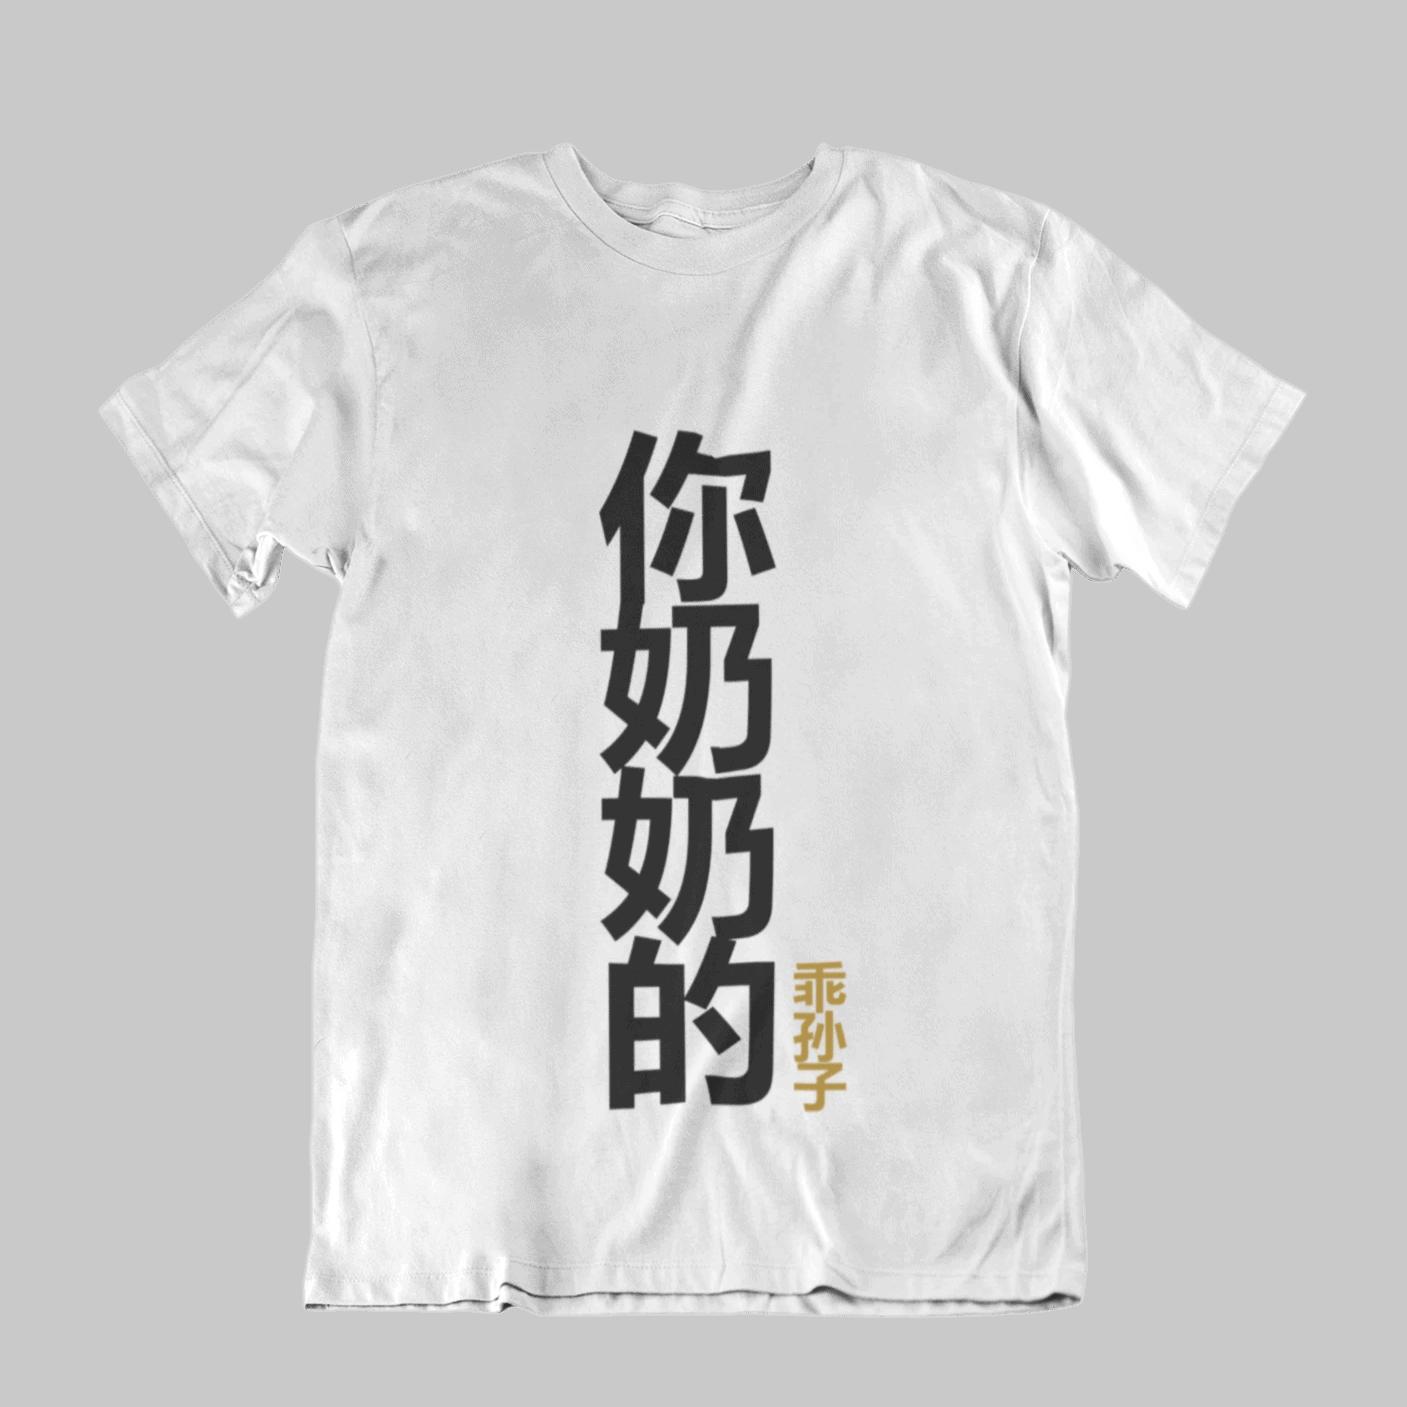 你奶奶的乖孙子 Your Grandmother's Obedient Grandson Kids Crew Neck S-Sleeve T-shirt